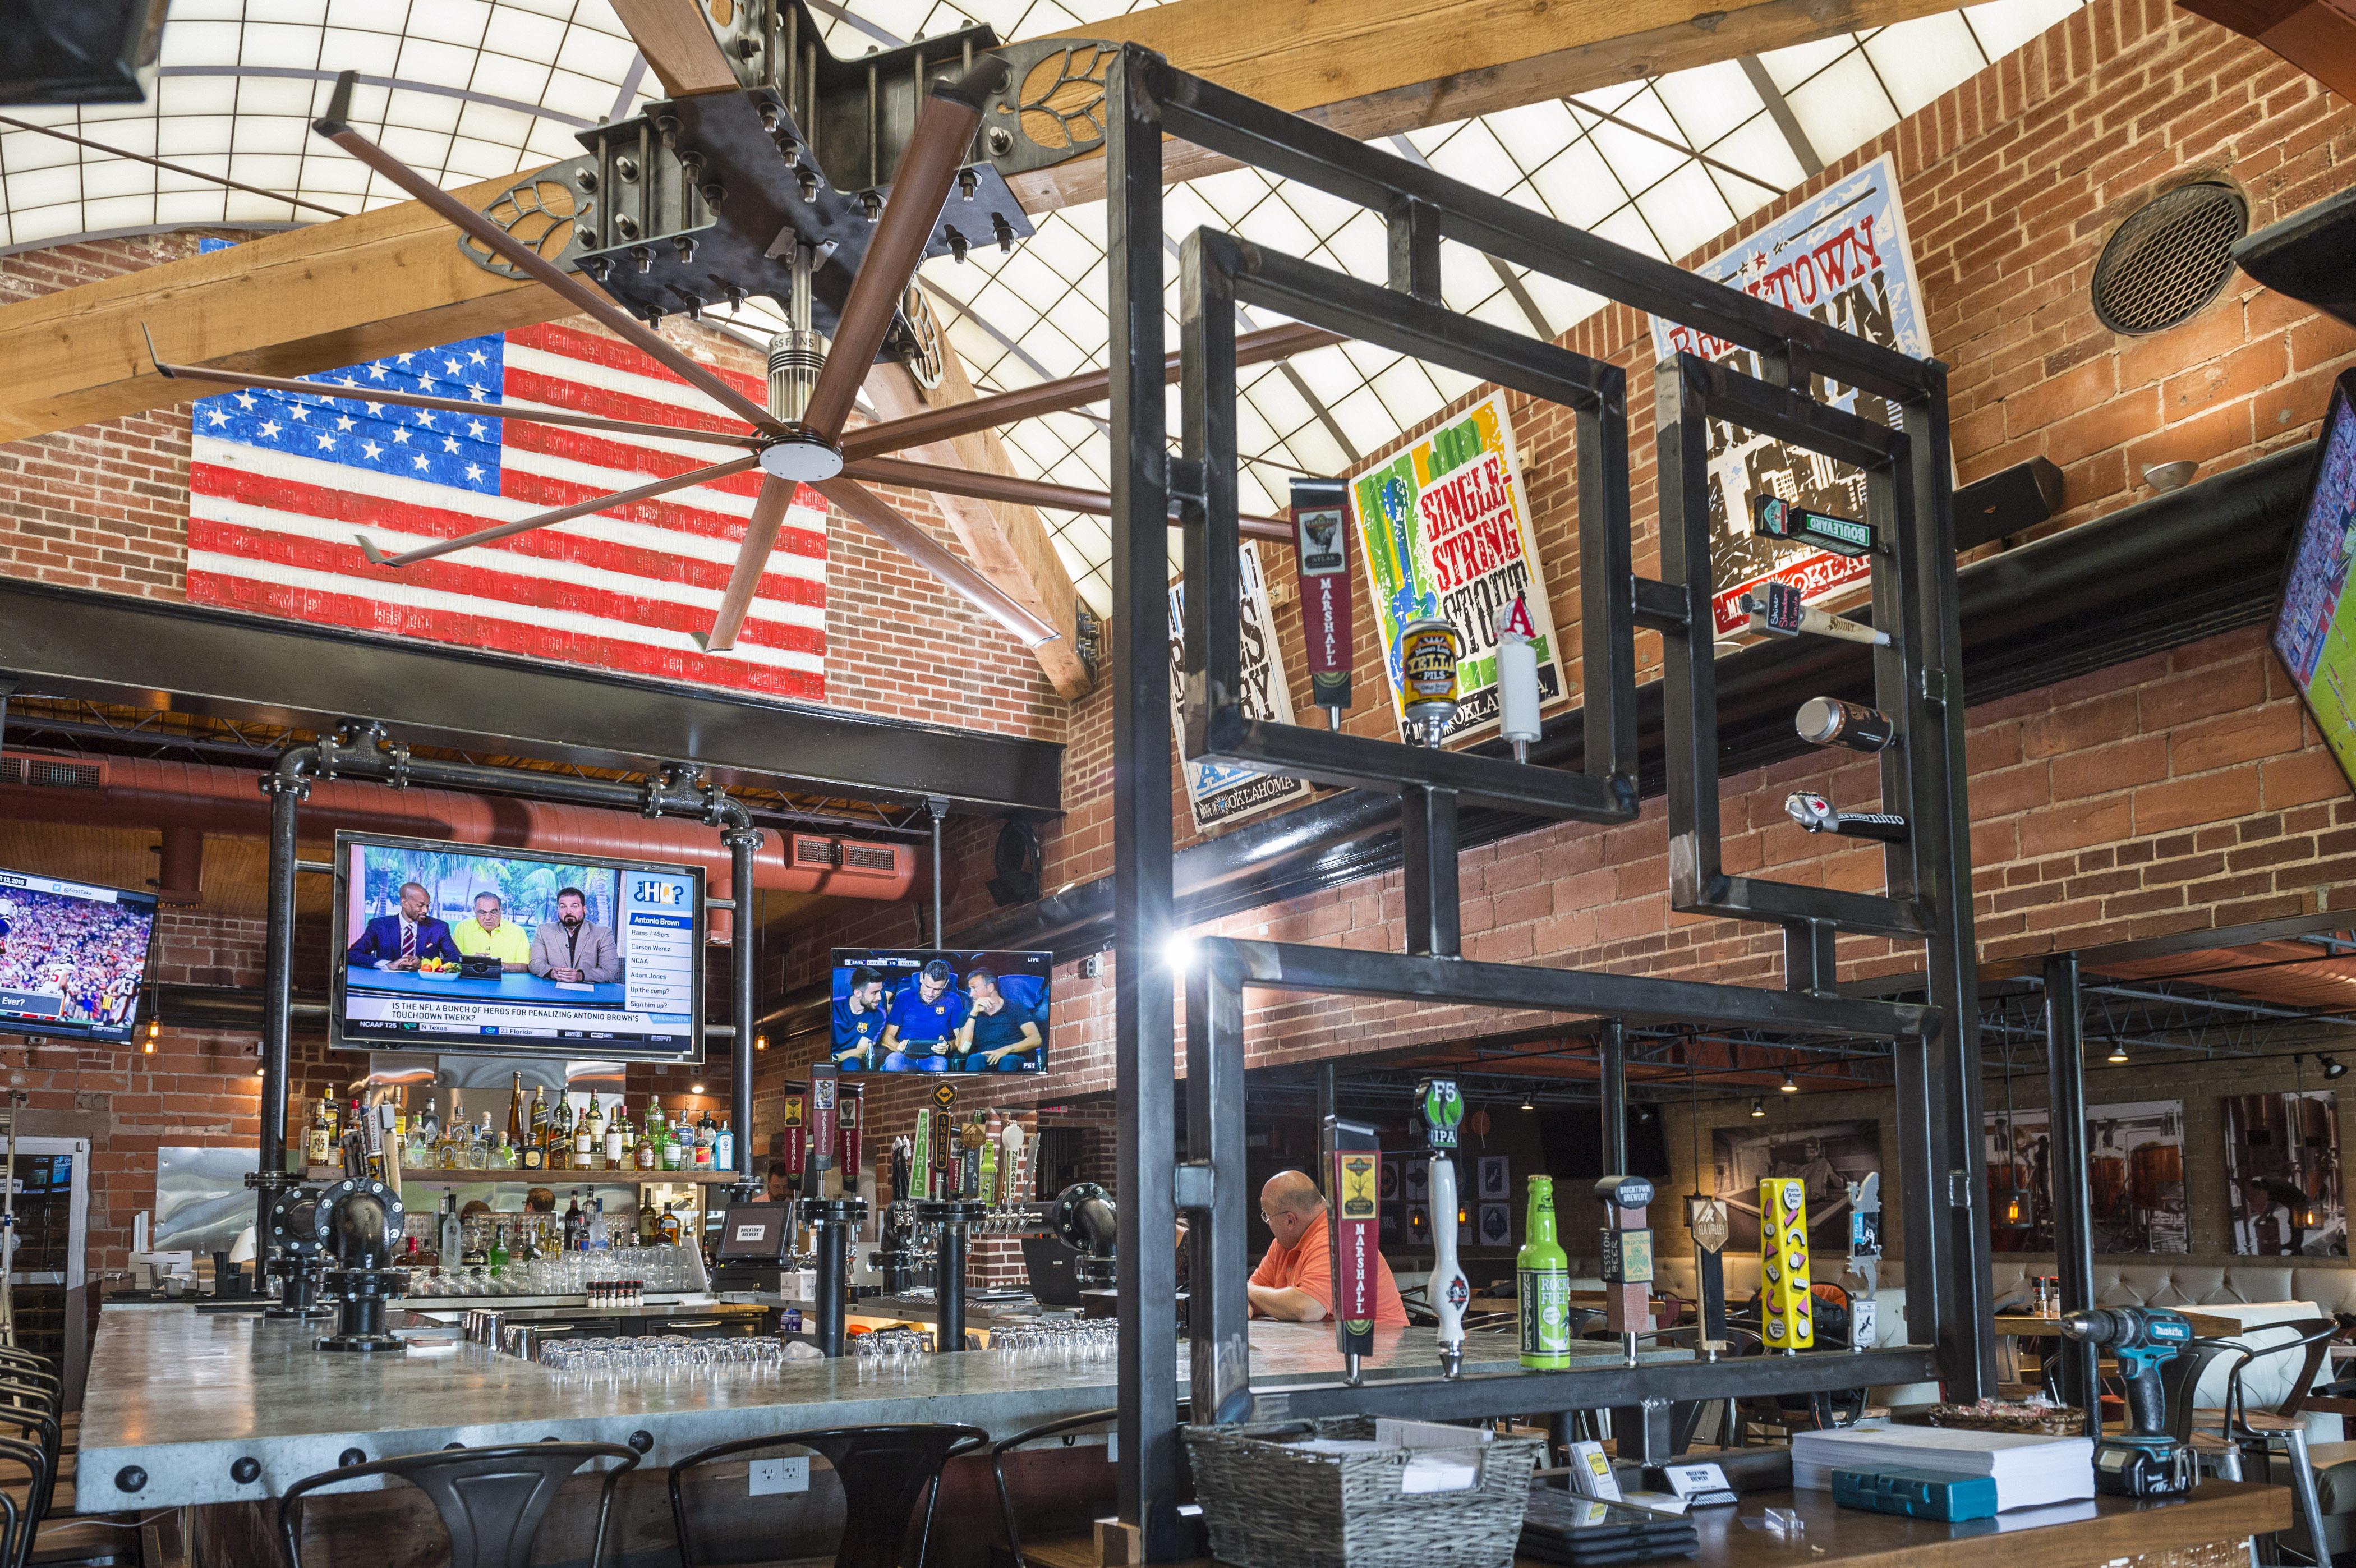 09 13 2016 Bricktown Brewery Silo EC387